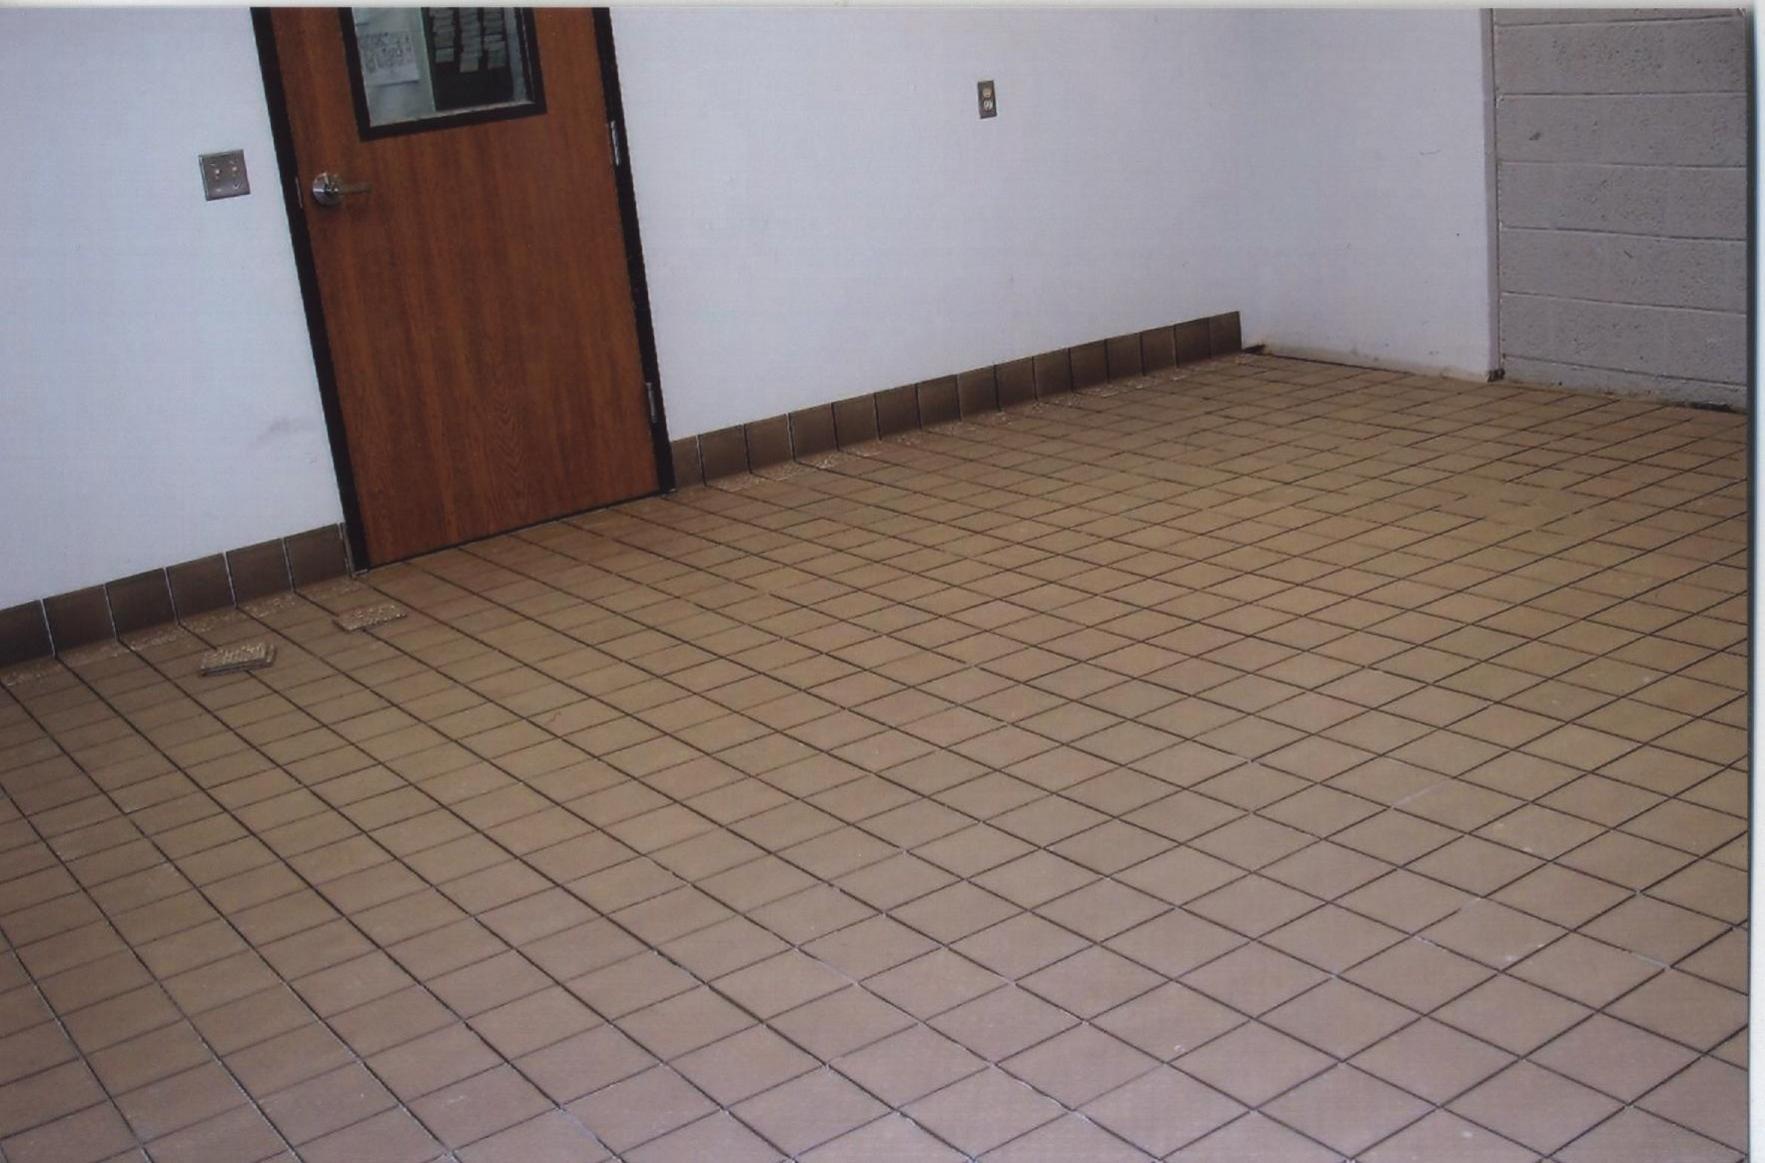 restaurant kitchen floor kitchen floor Restaurant Kitchen Floor scannedimage